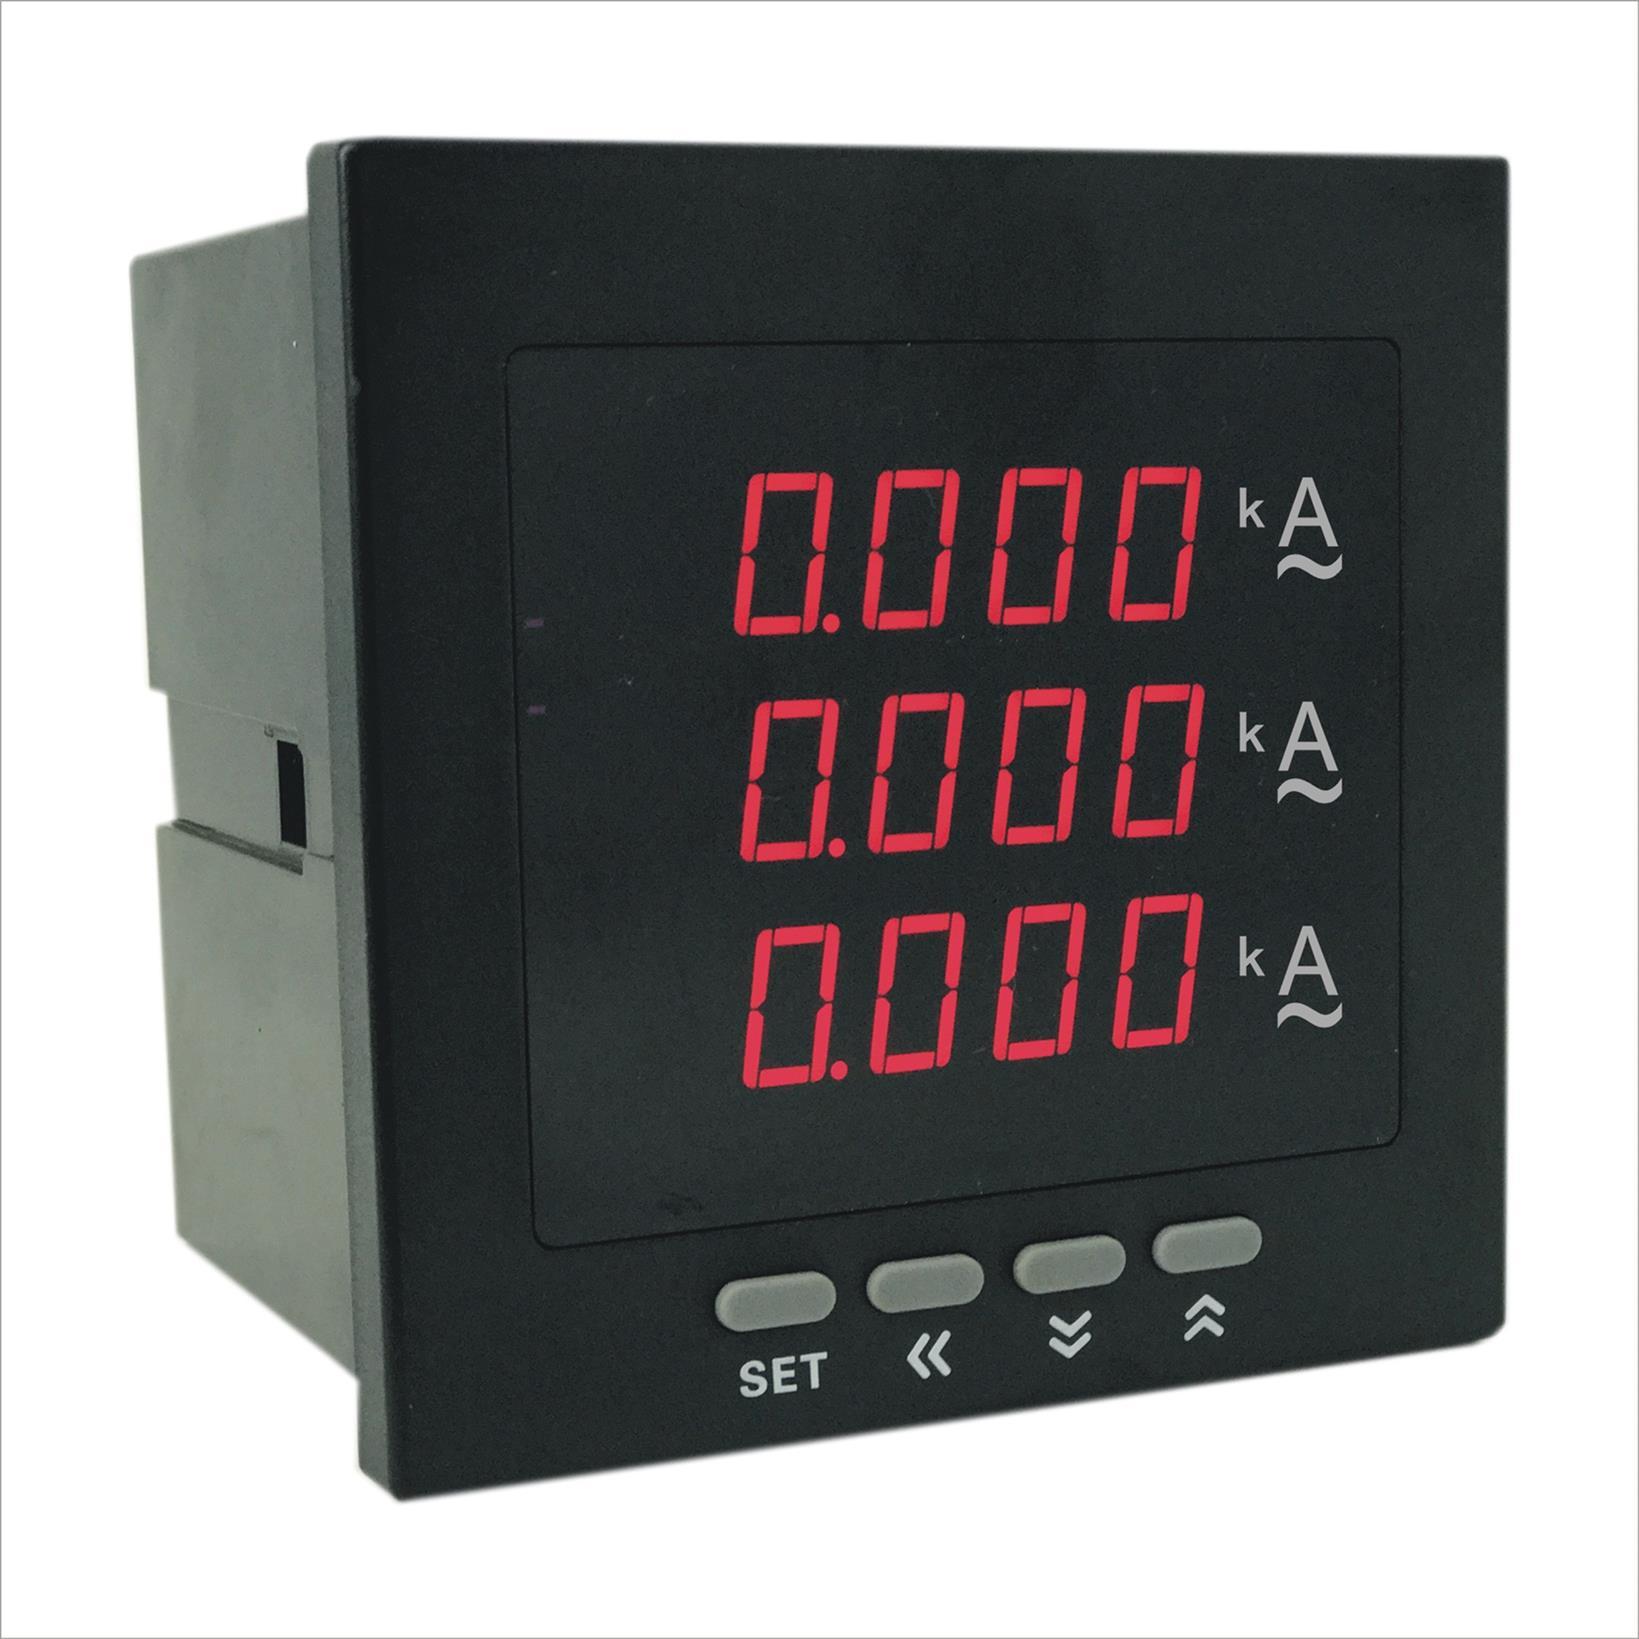 电子数字昹�.�/d��*z+�_智能数字三相电流表销售商 厂家直销质量保证